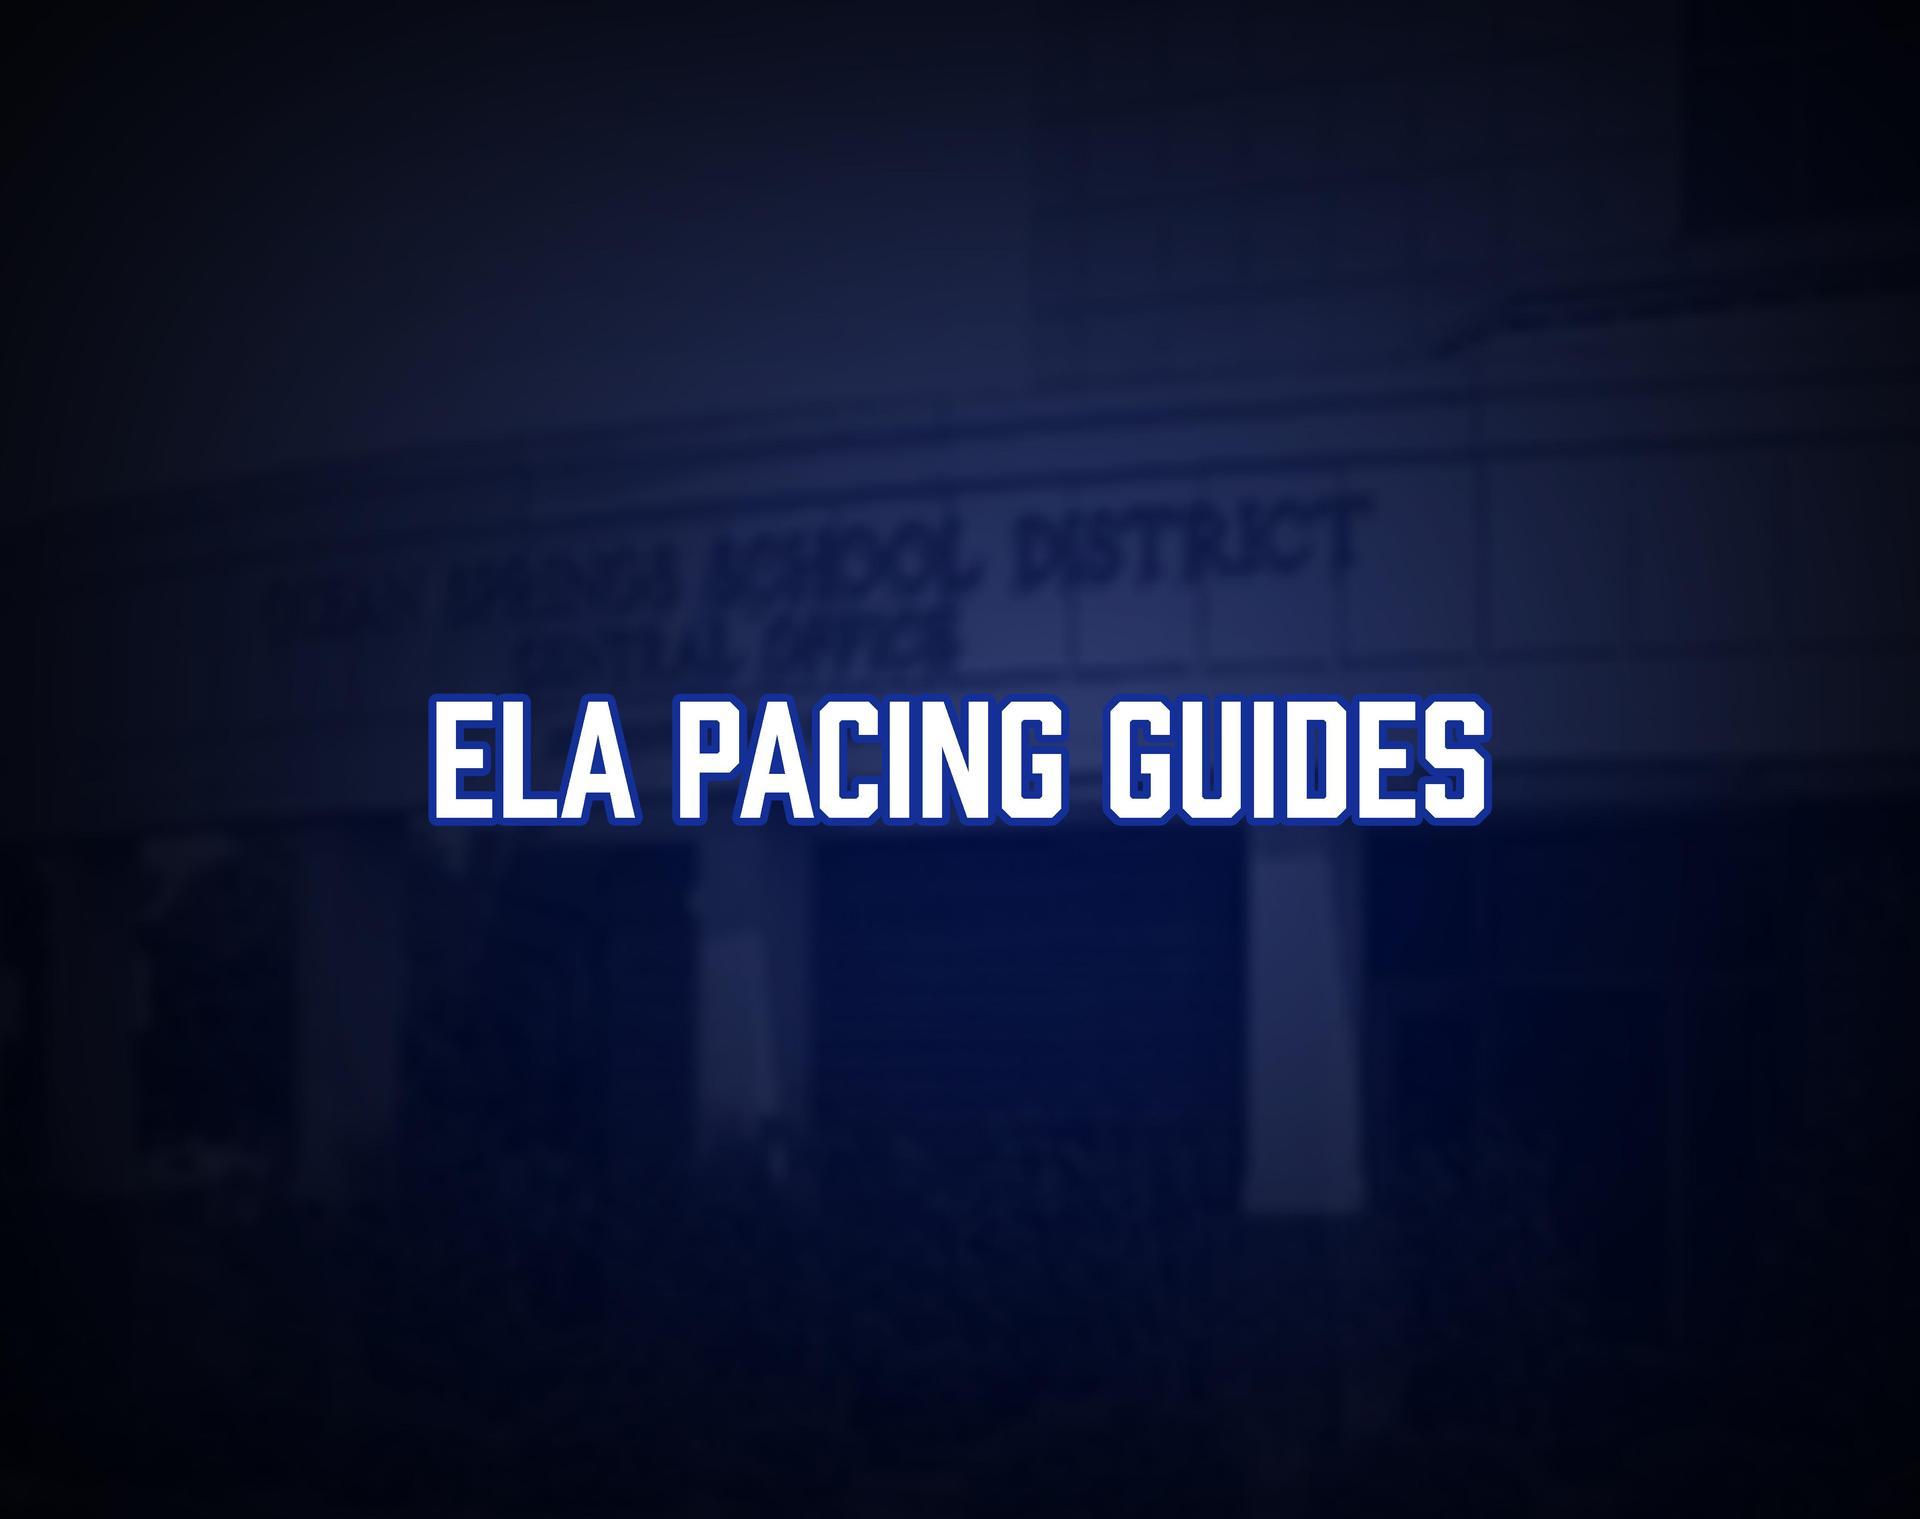 ELA Pacing Guides Tile